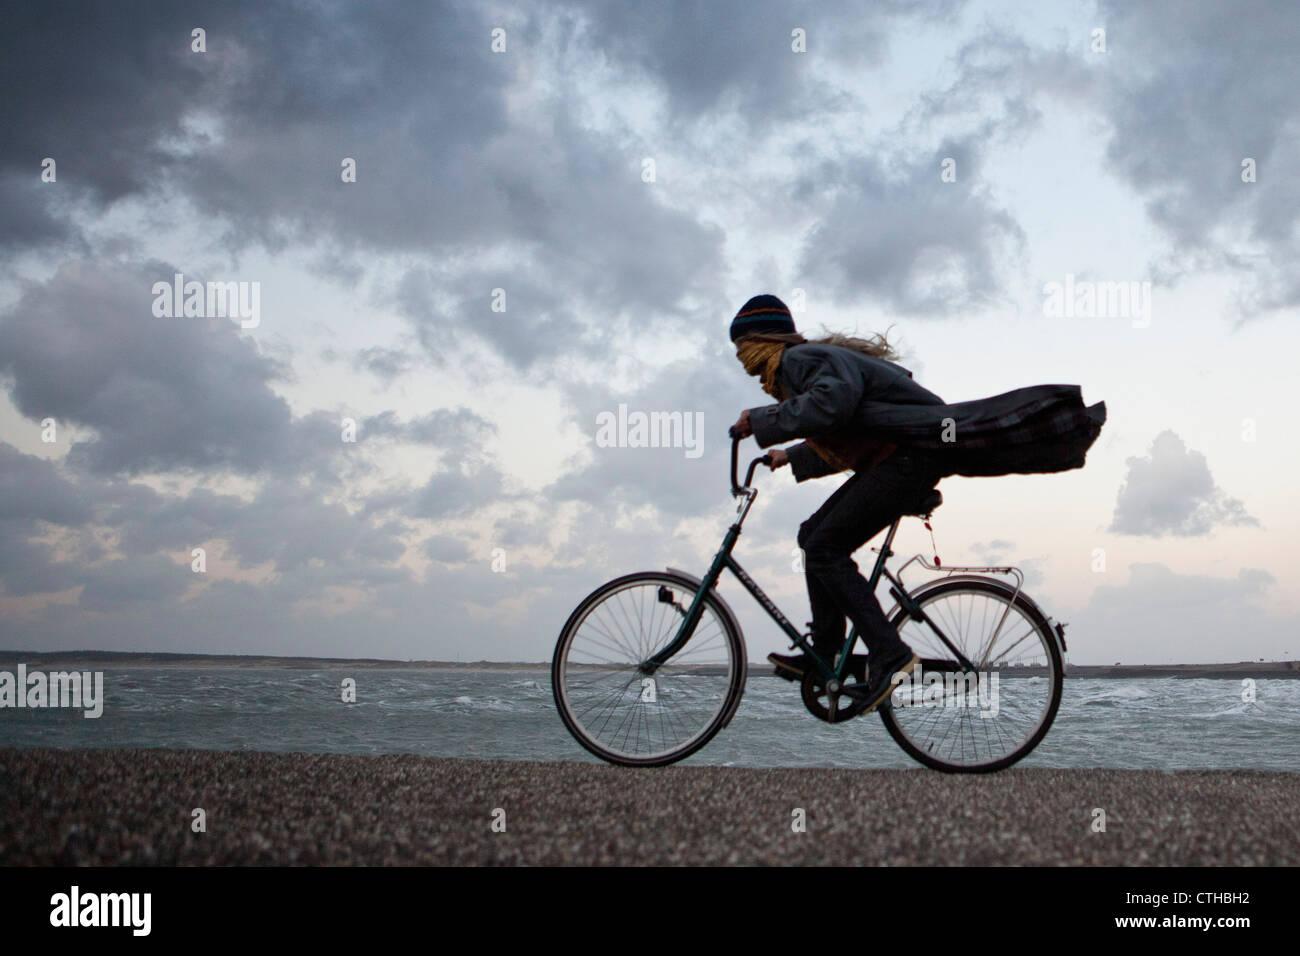 Die Niederlande, Kamperland, Frau Radfahren gegen den stürmischen Wind. Stockfoto